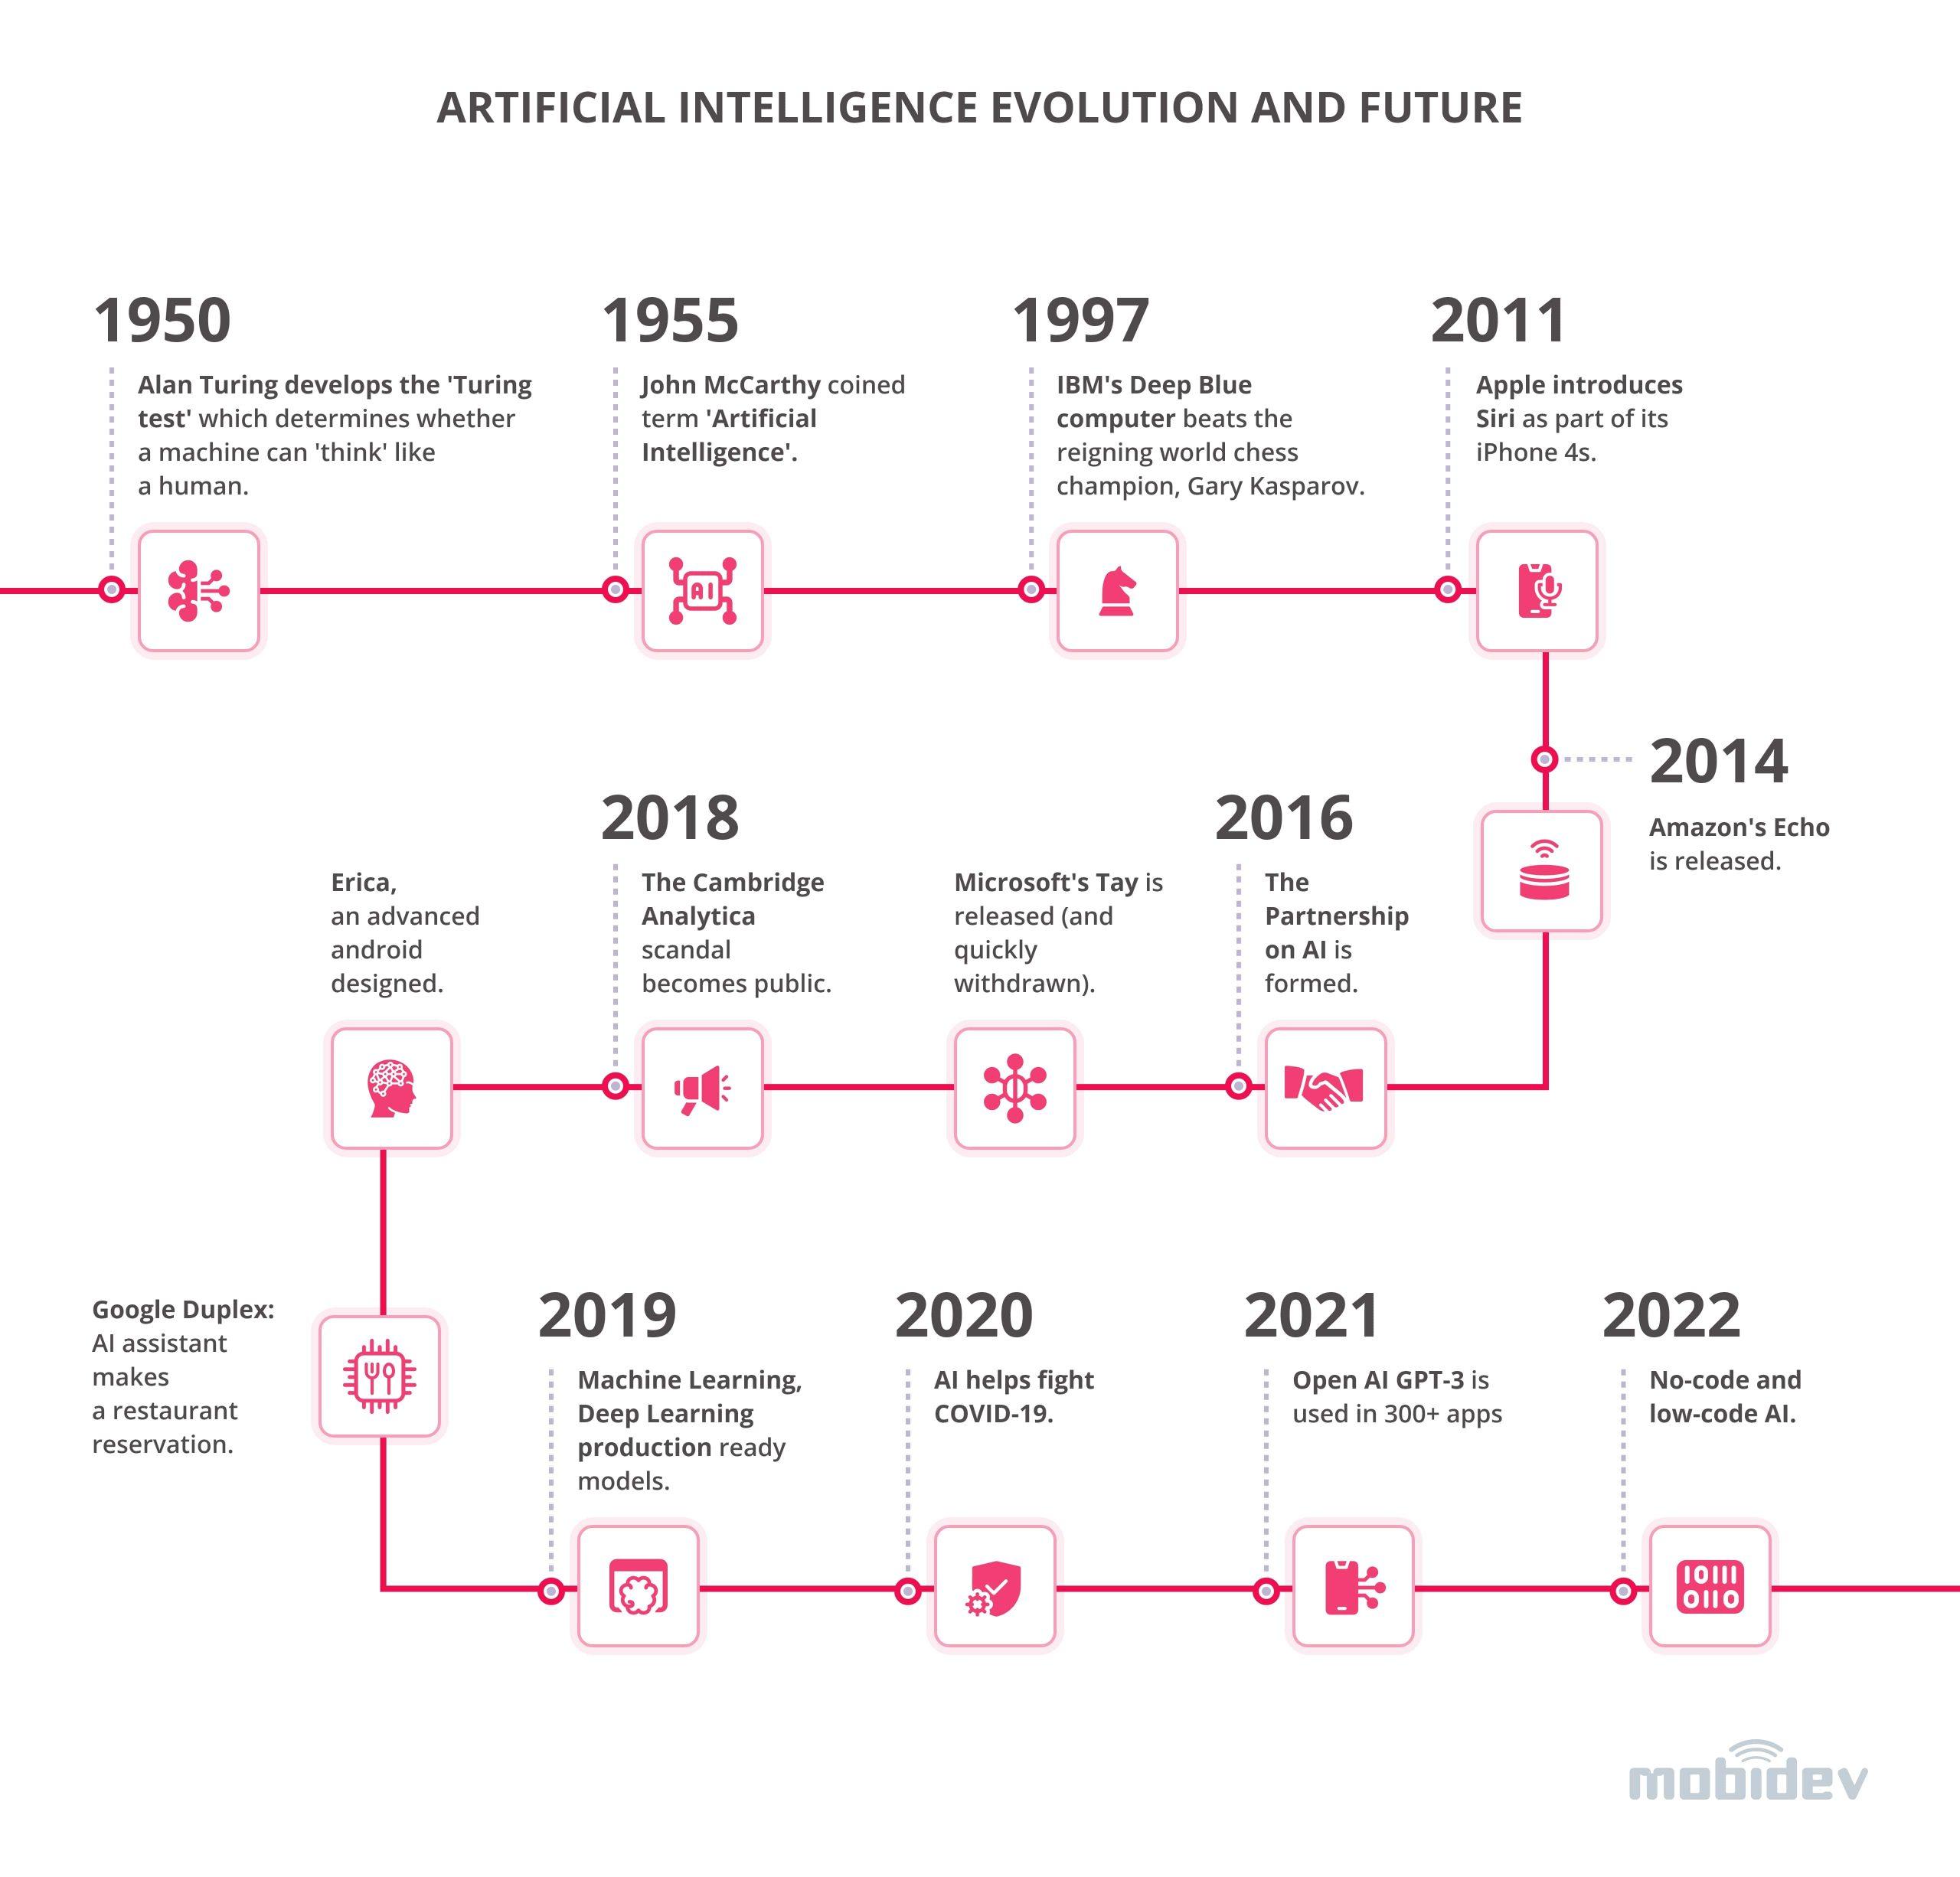 Evolution and Future of AI